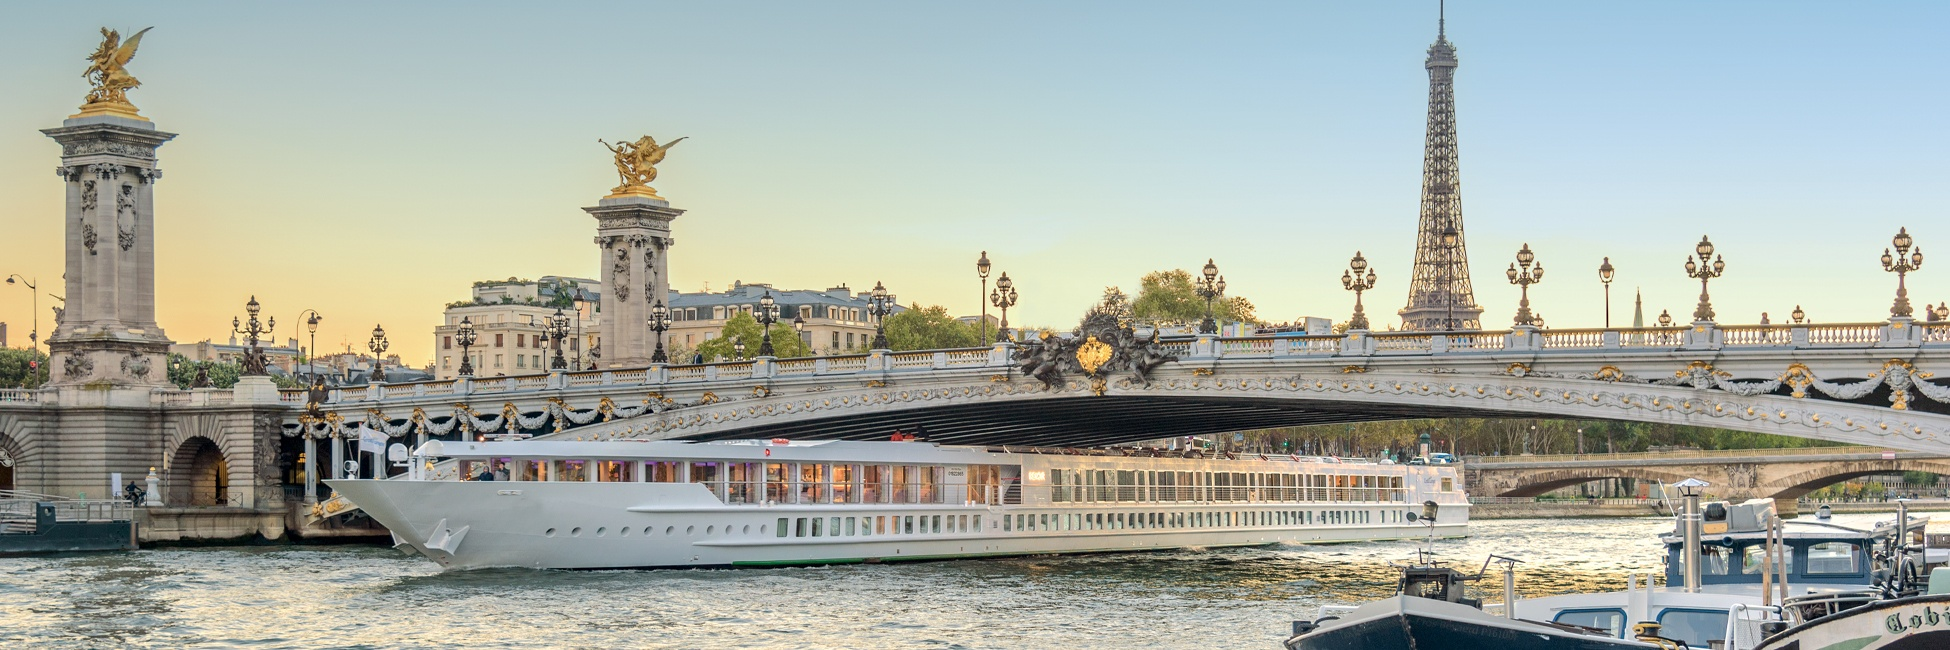 Bateau en navigation sur la Seine